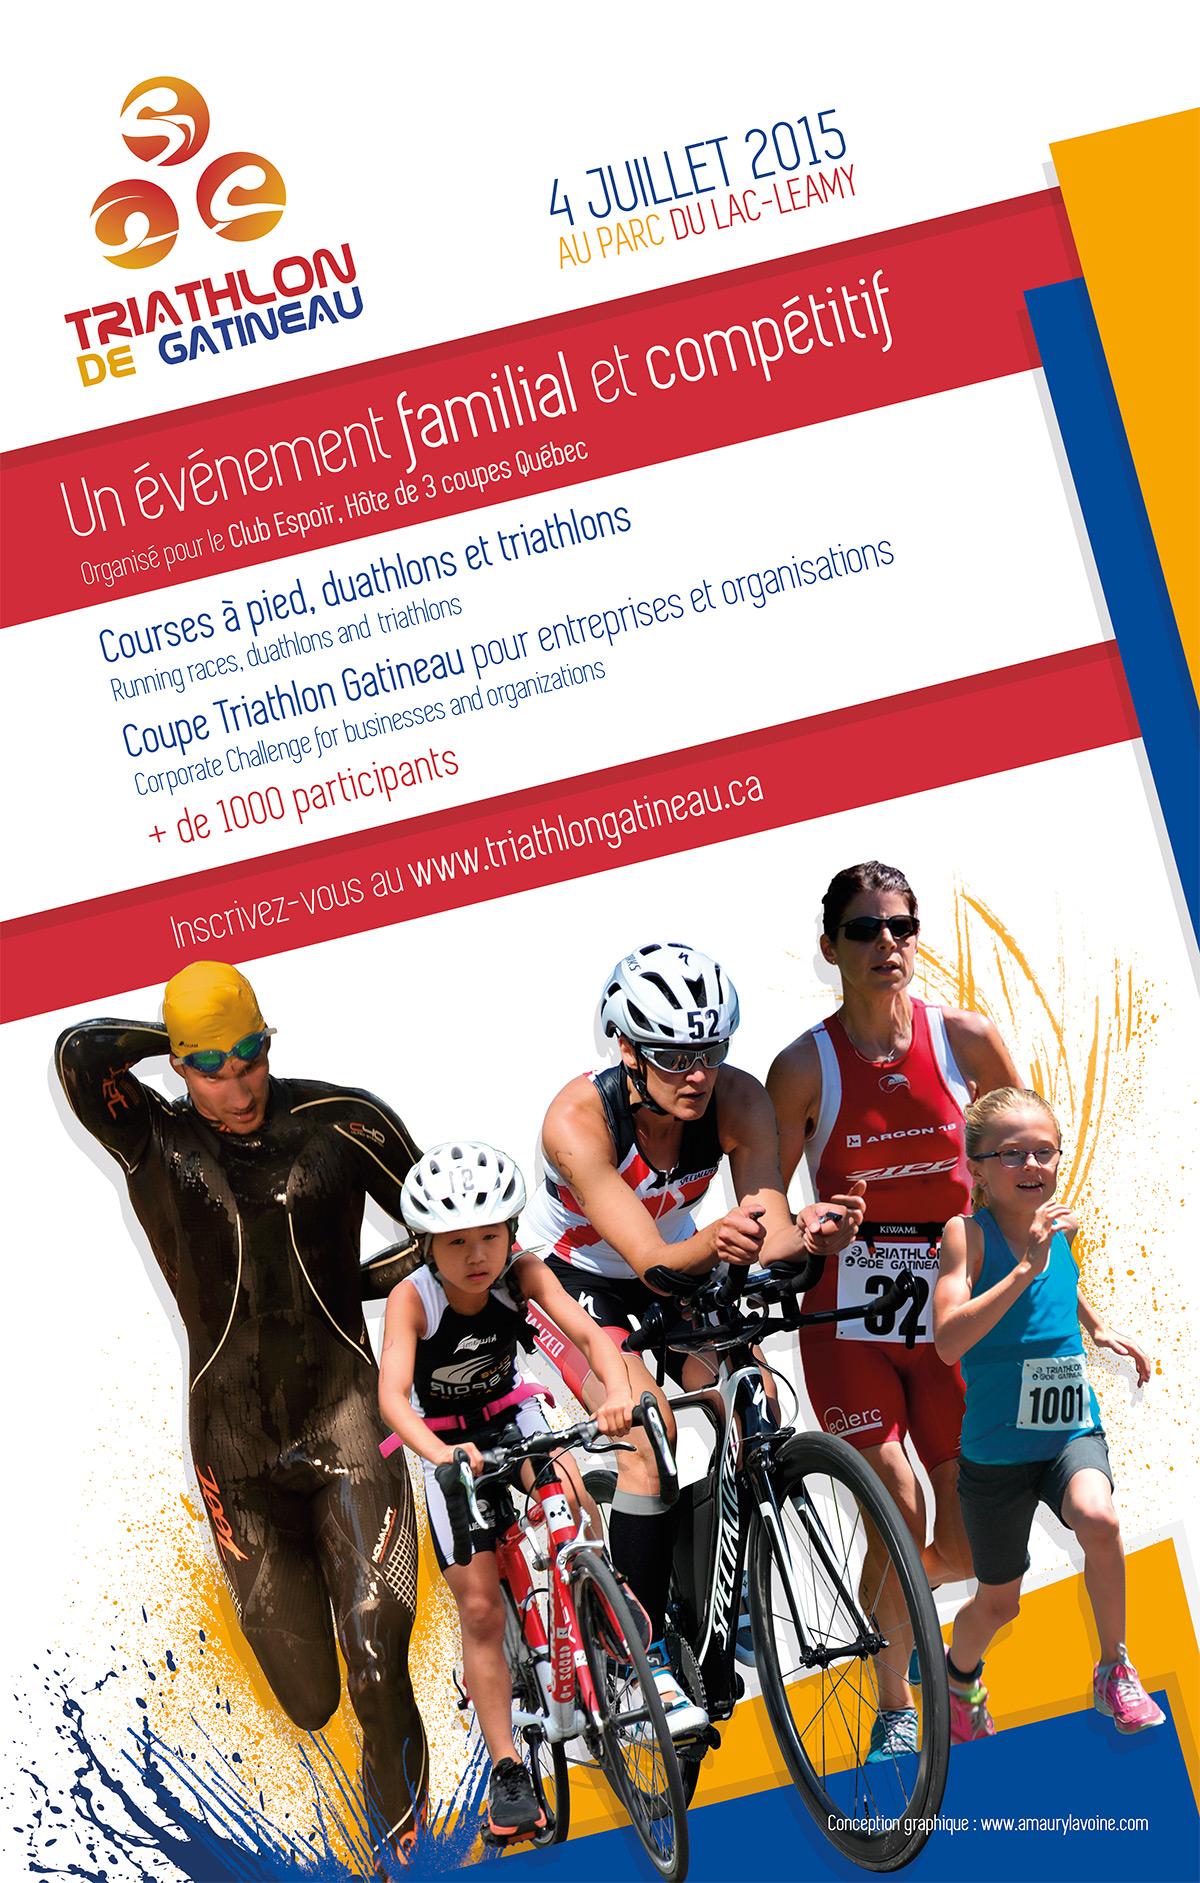 Triathlon de Gatineau